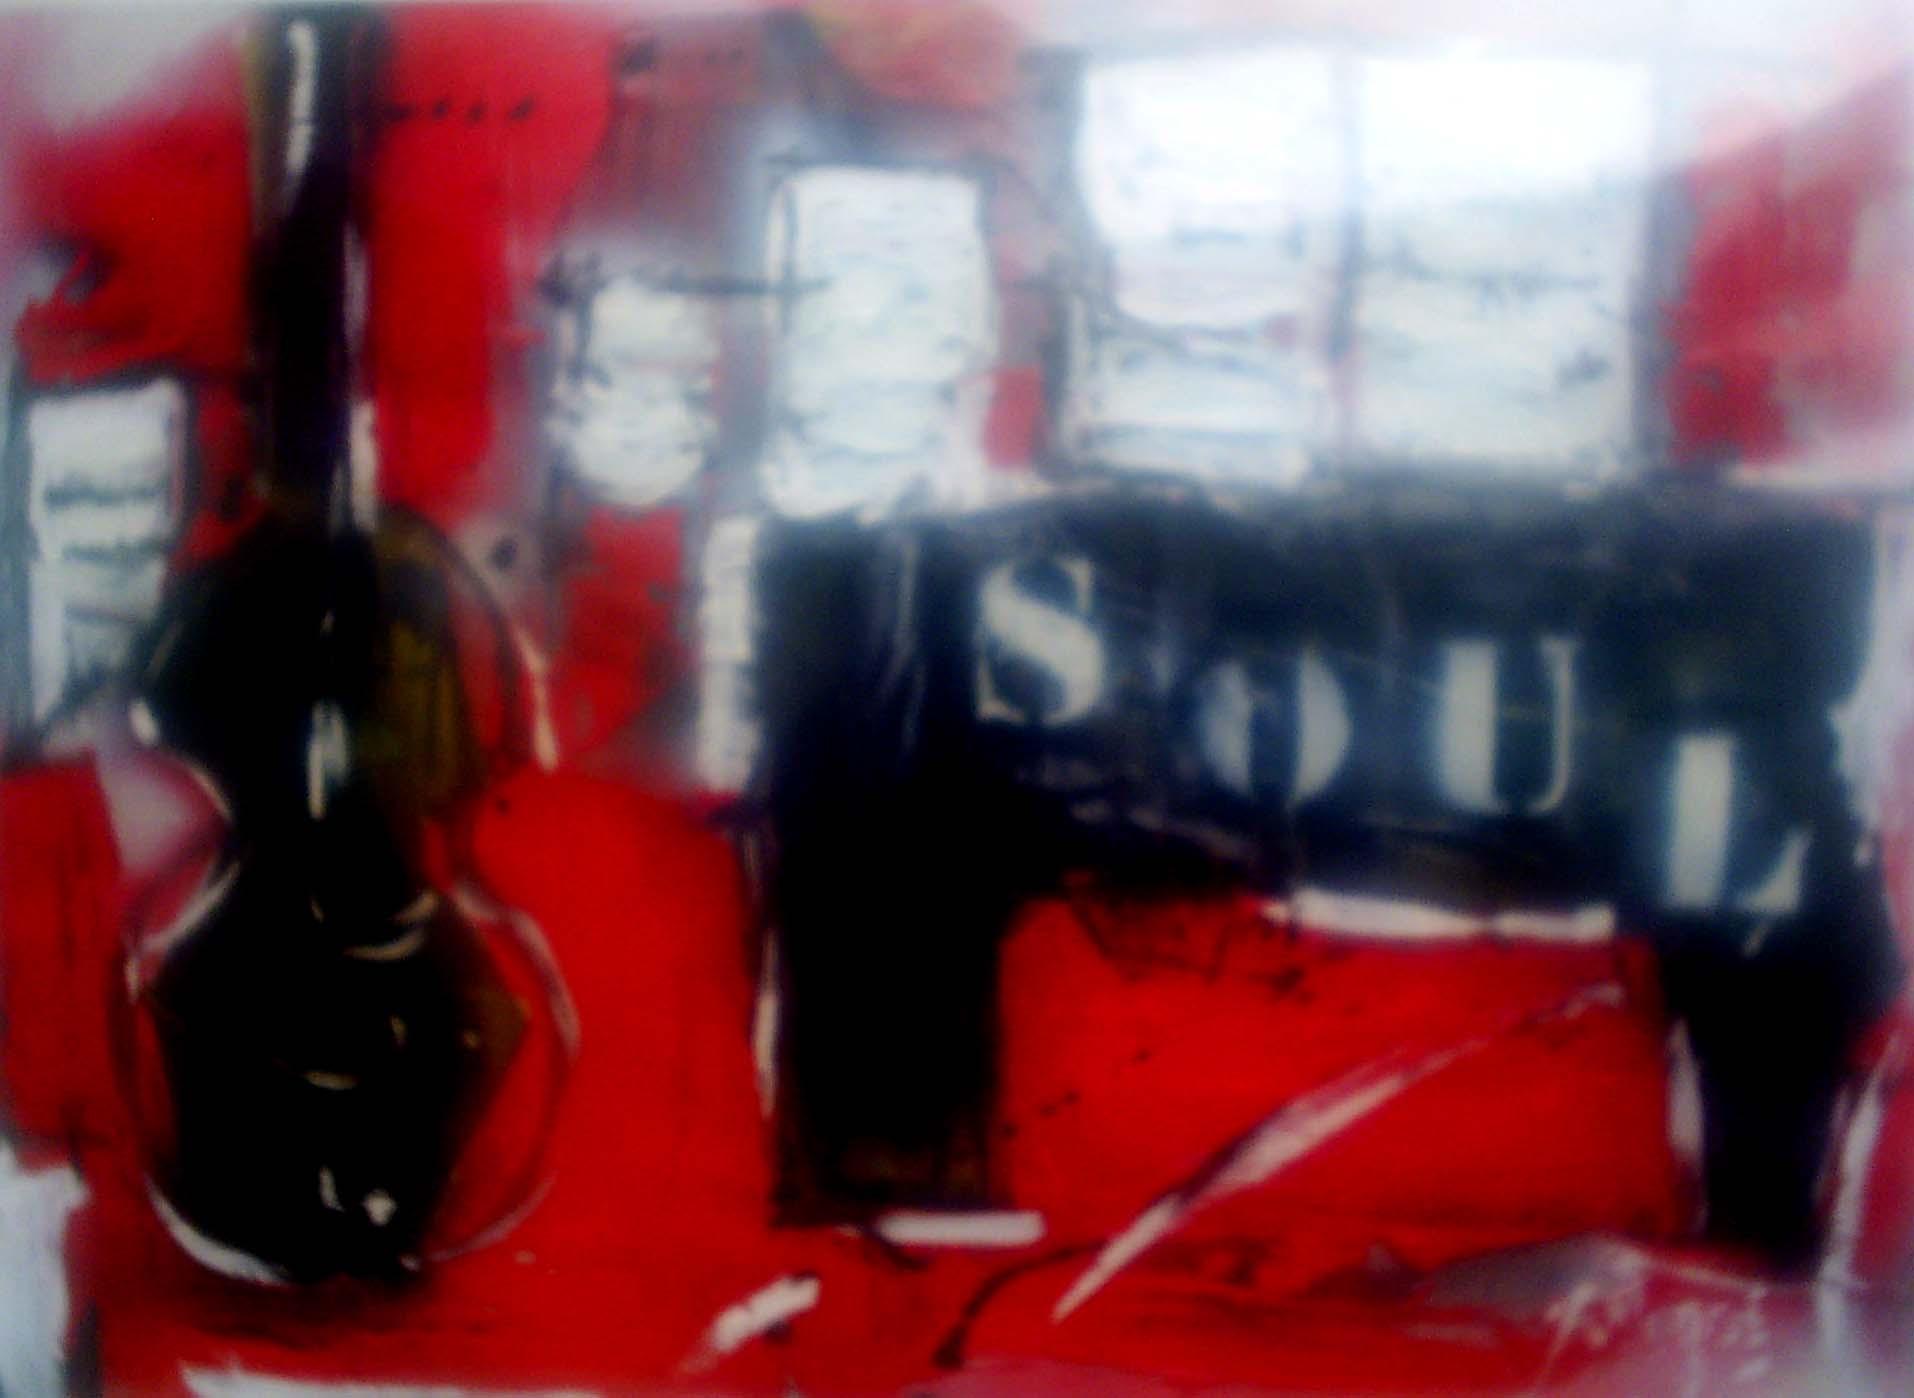 Piano, Soul, vendu.